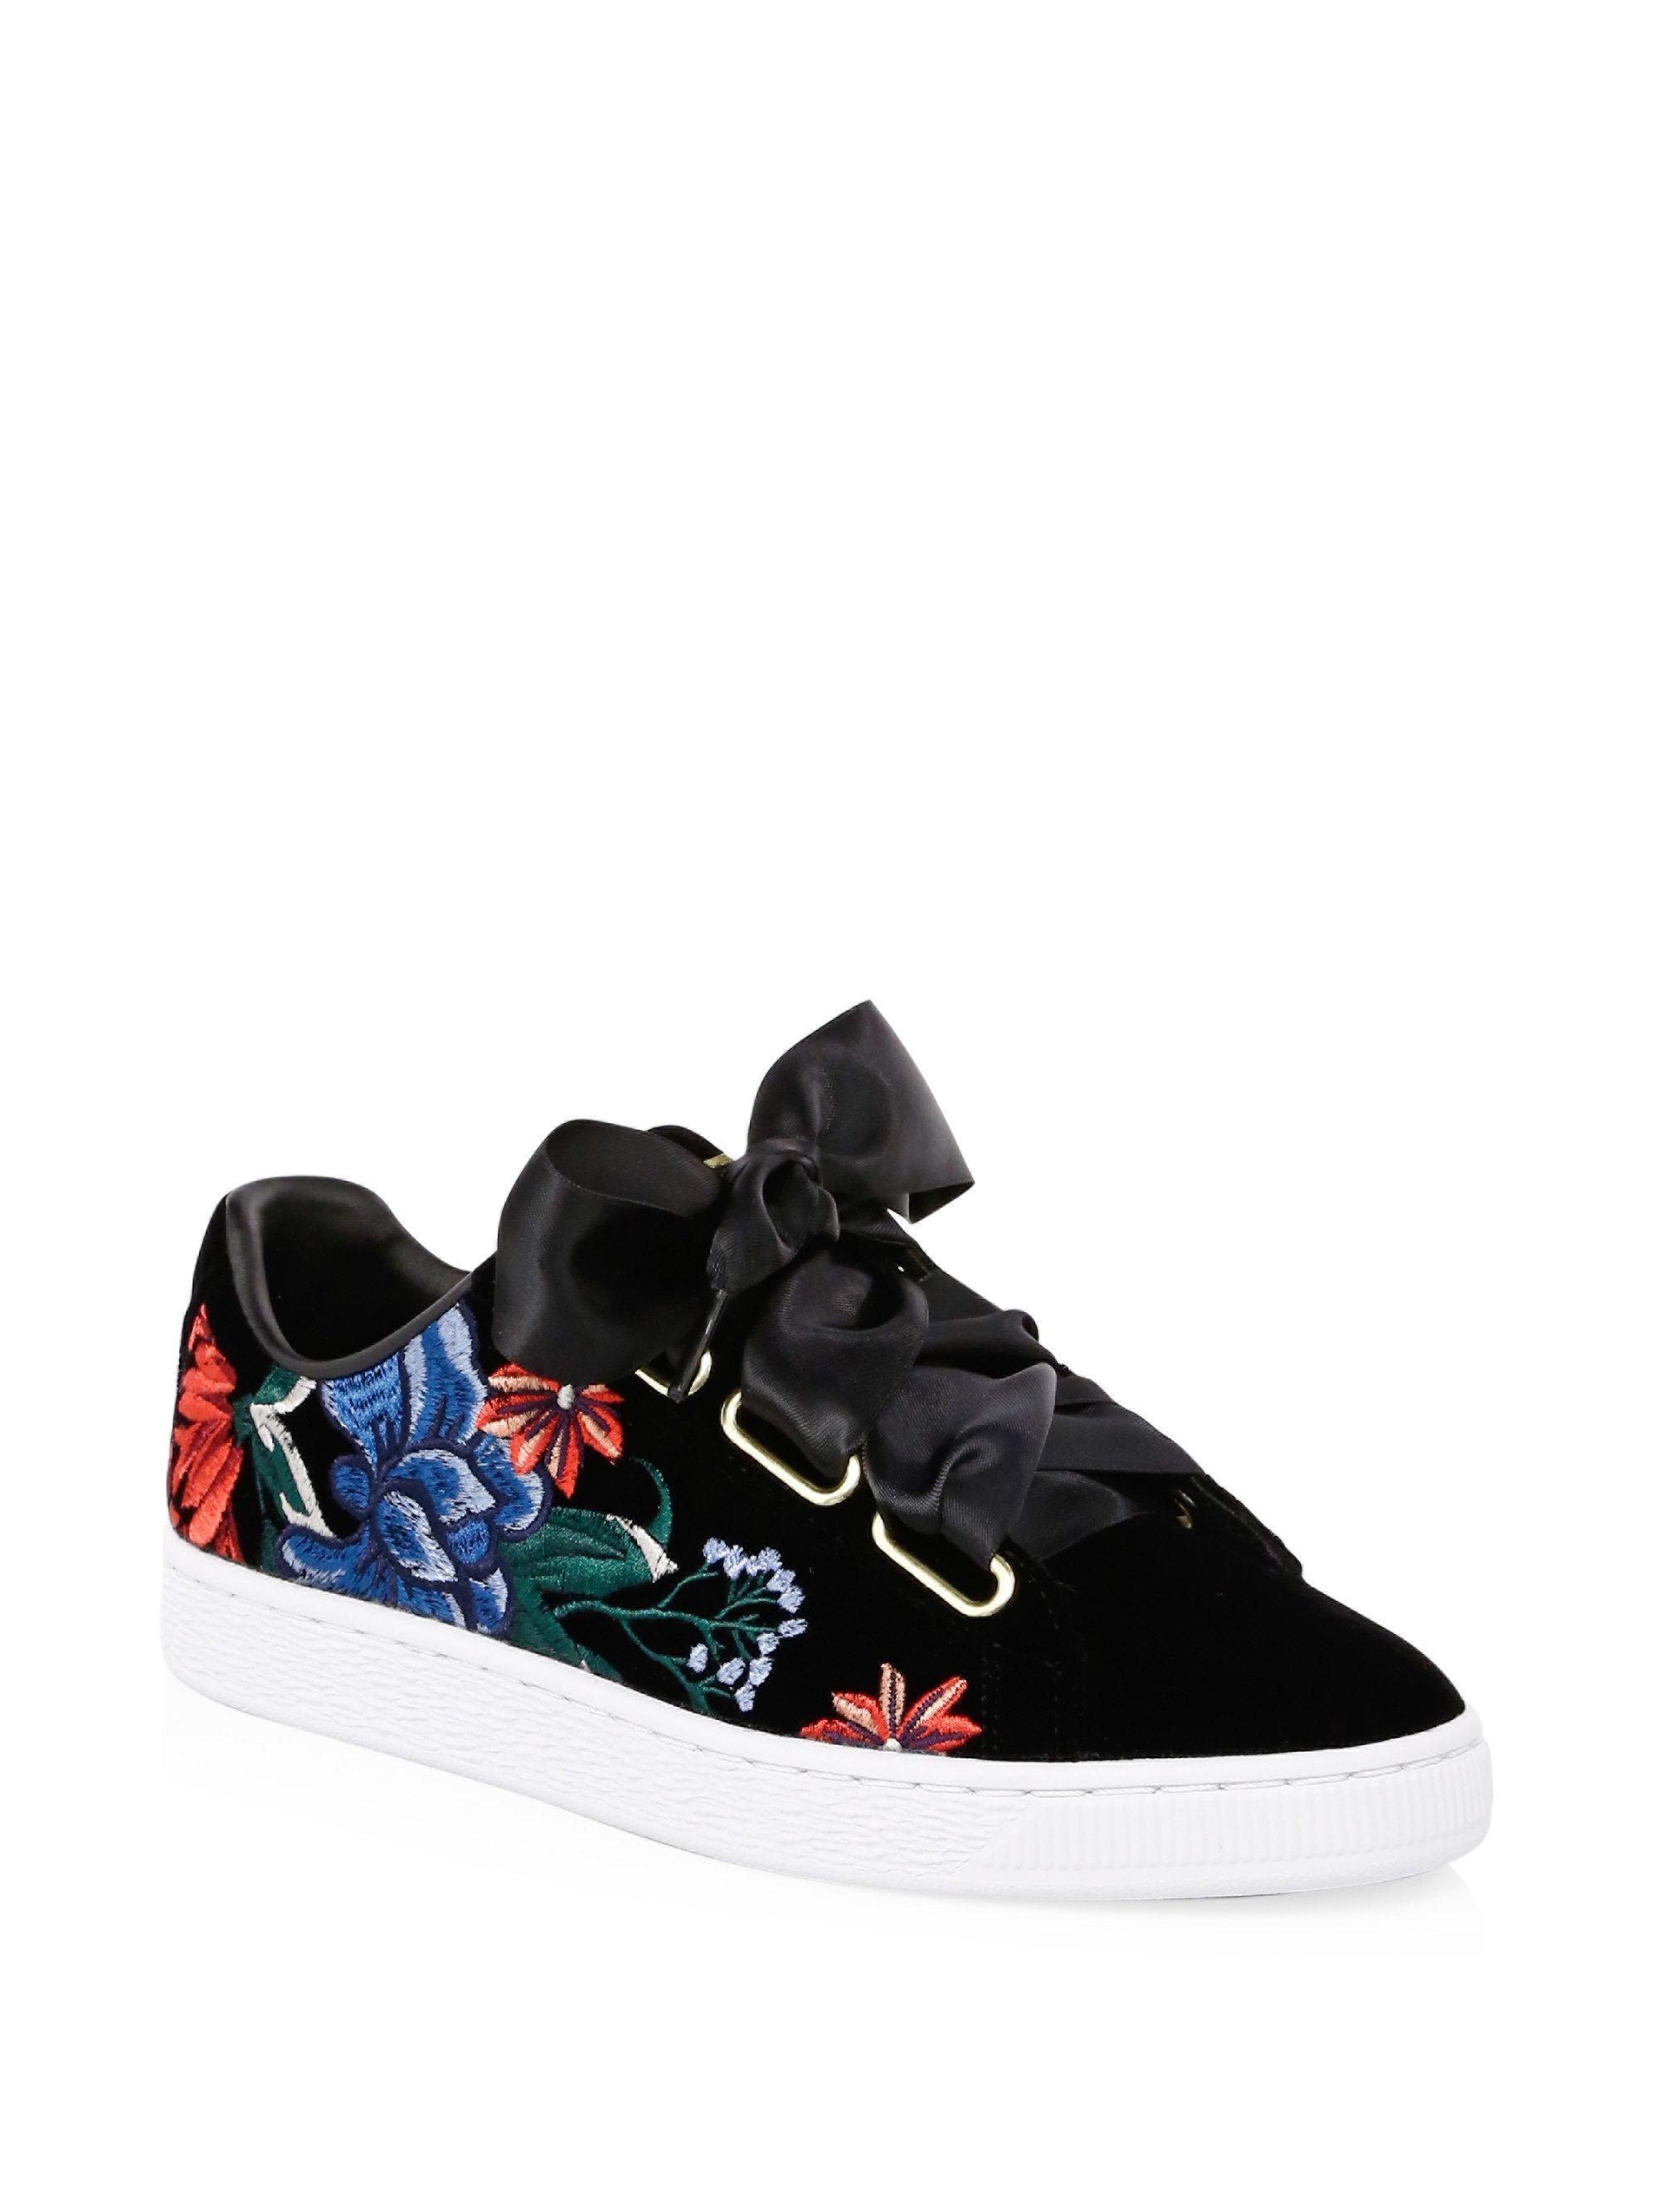 puma shoes flower 022623